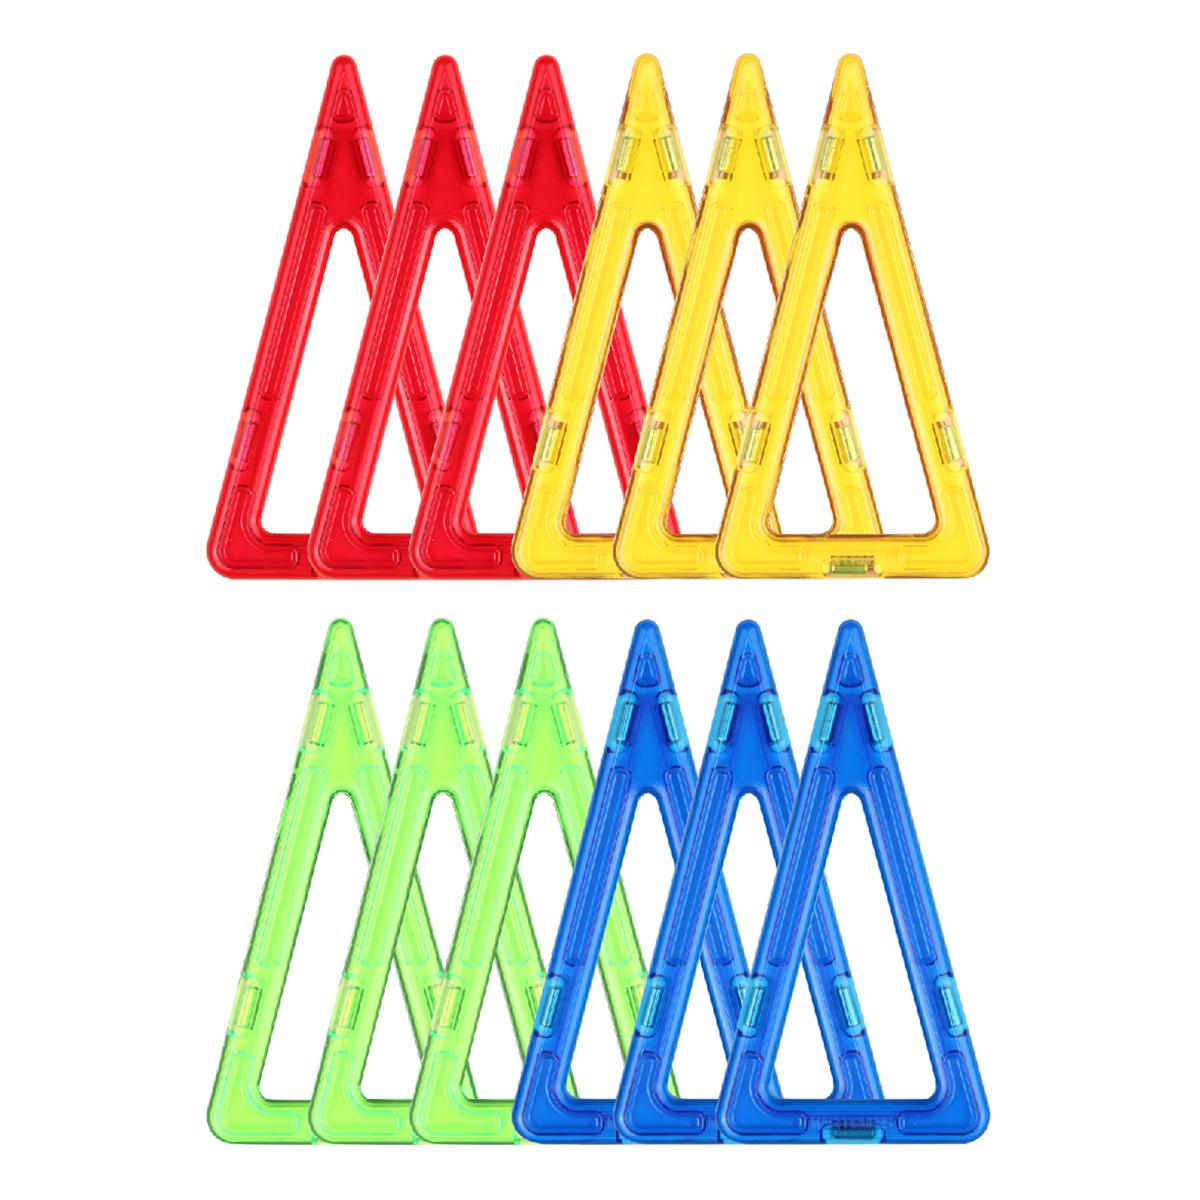 マグ・フォーマー二等辺三角形12ピース